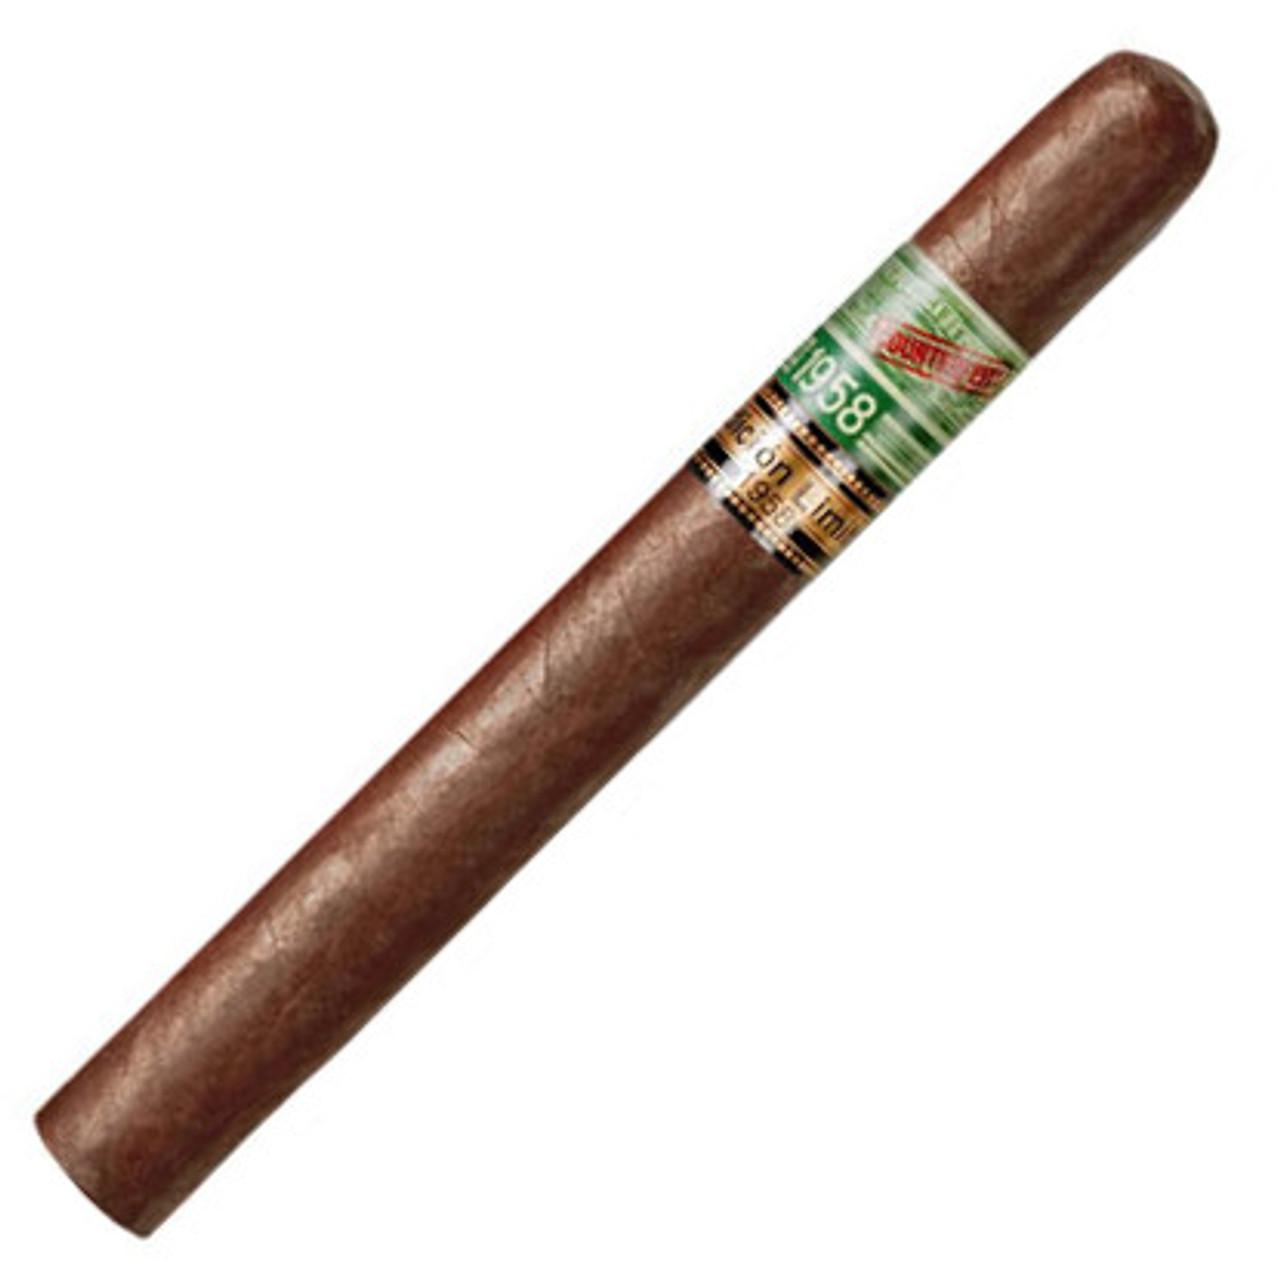 Genuine Pre-Embargo C.C. Edicion Limitada 1958 Rey del Rey Cigars - 7 x 52 (Cedar Chest of 25)